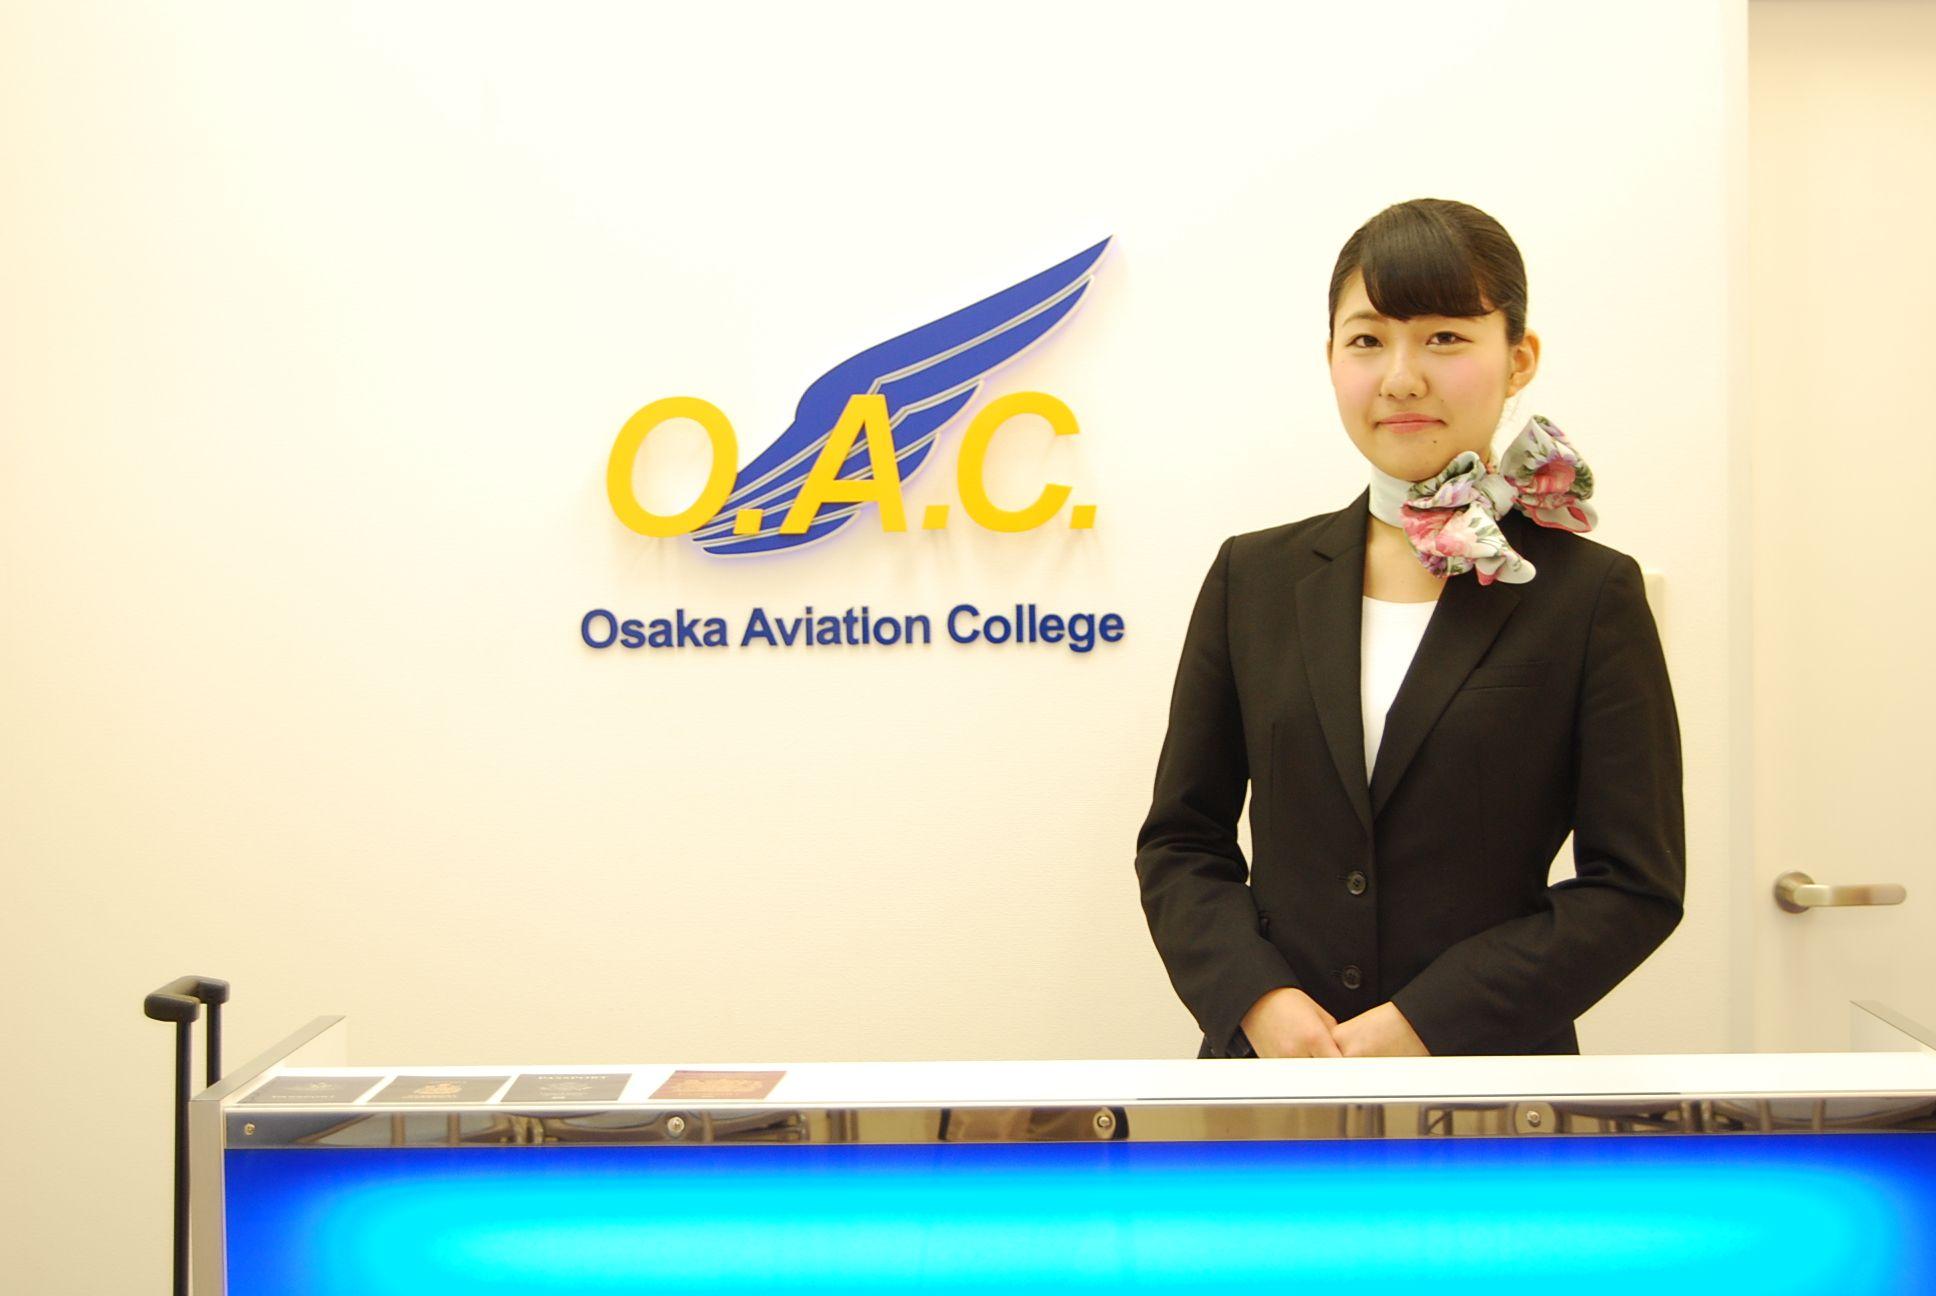 大阪航空専門学校、芝辻舞佳さん